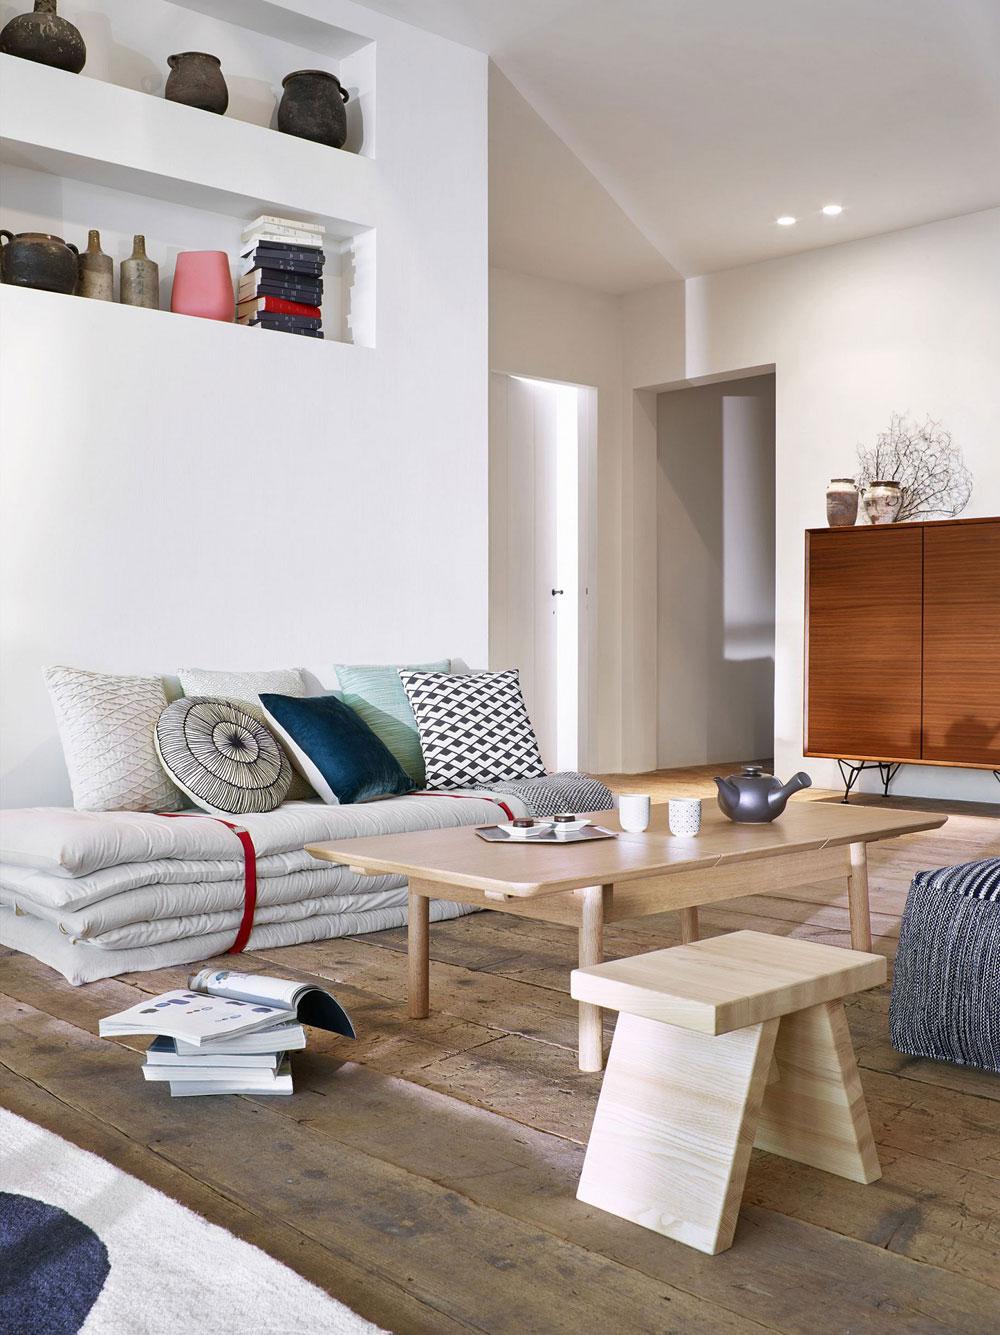 Habitat_livingroom